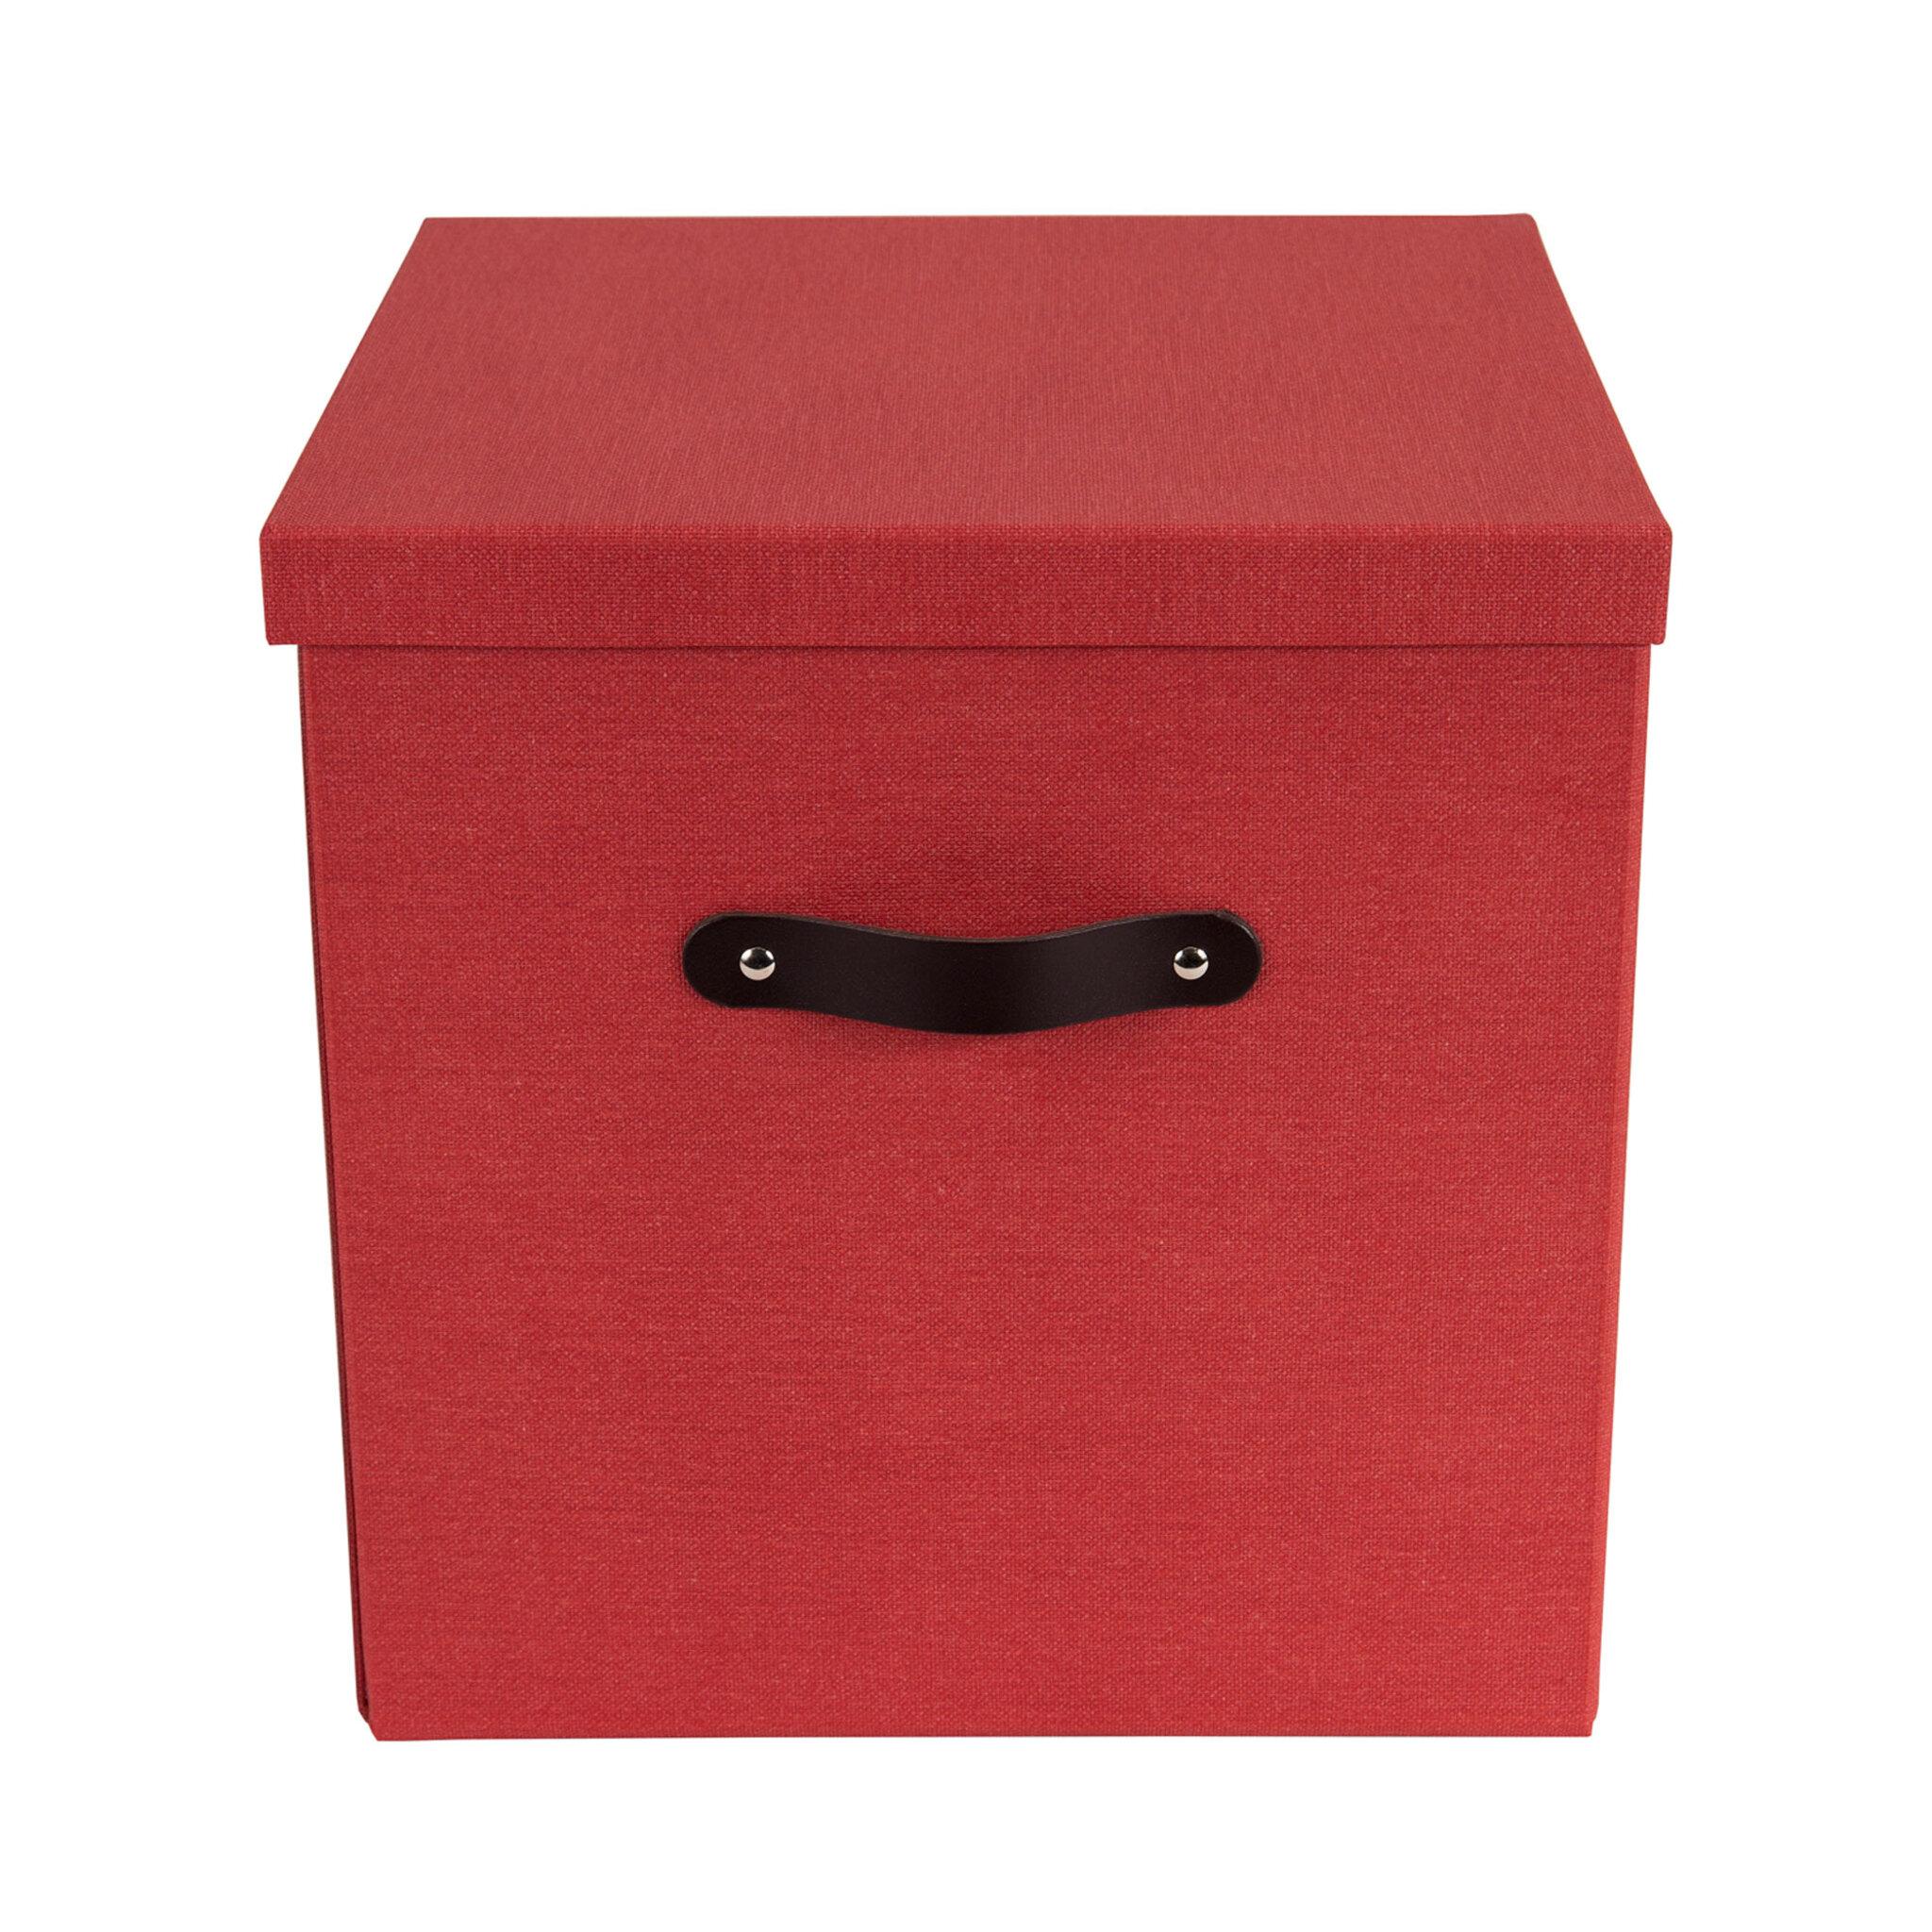 Box texas   förvaring  köp online på åhlens.se!